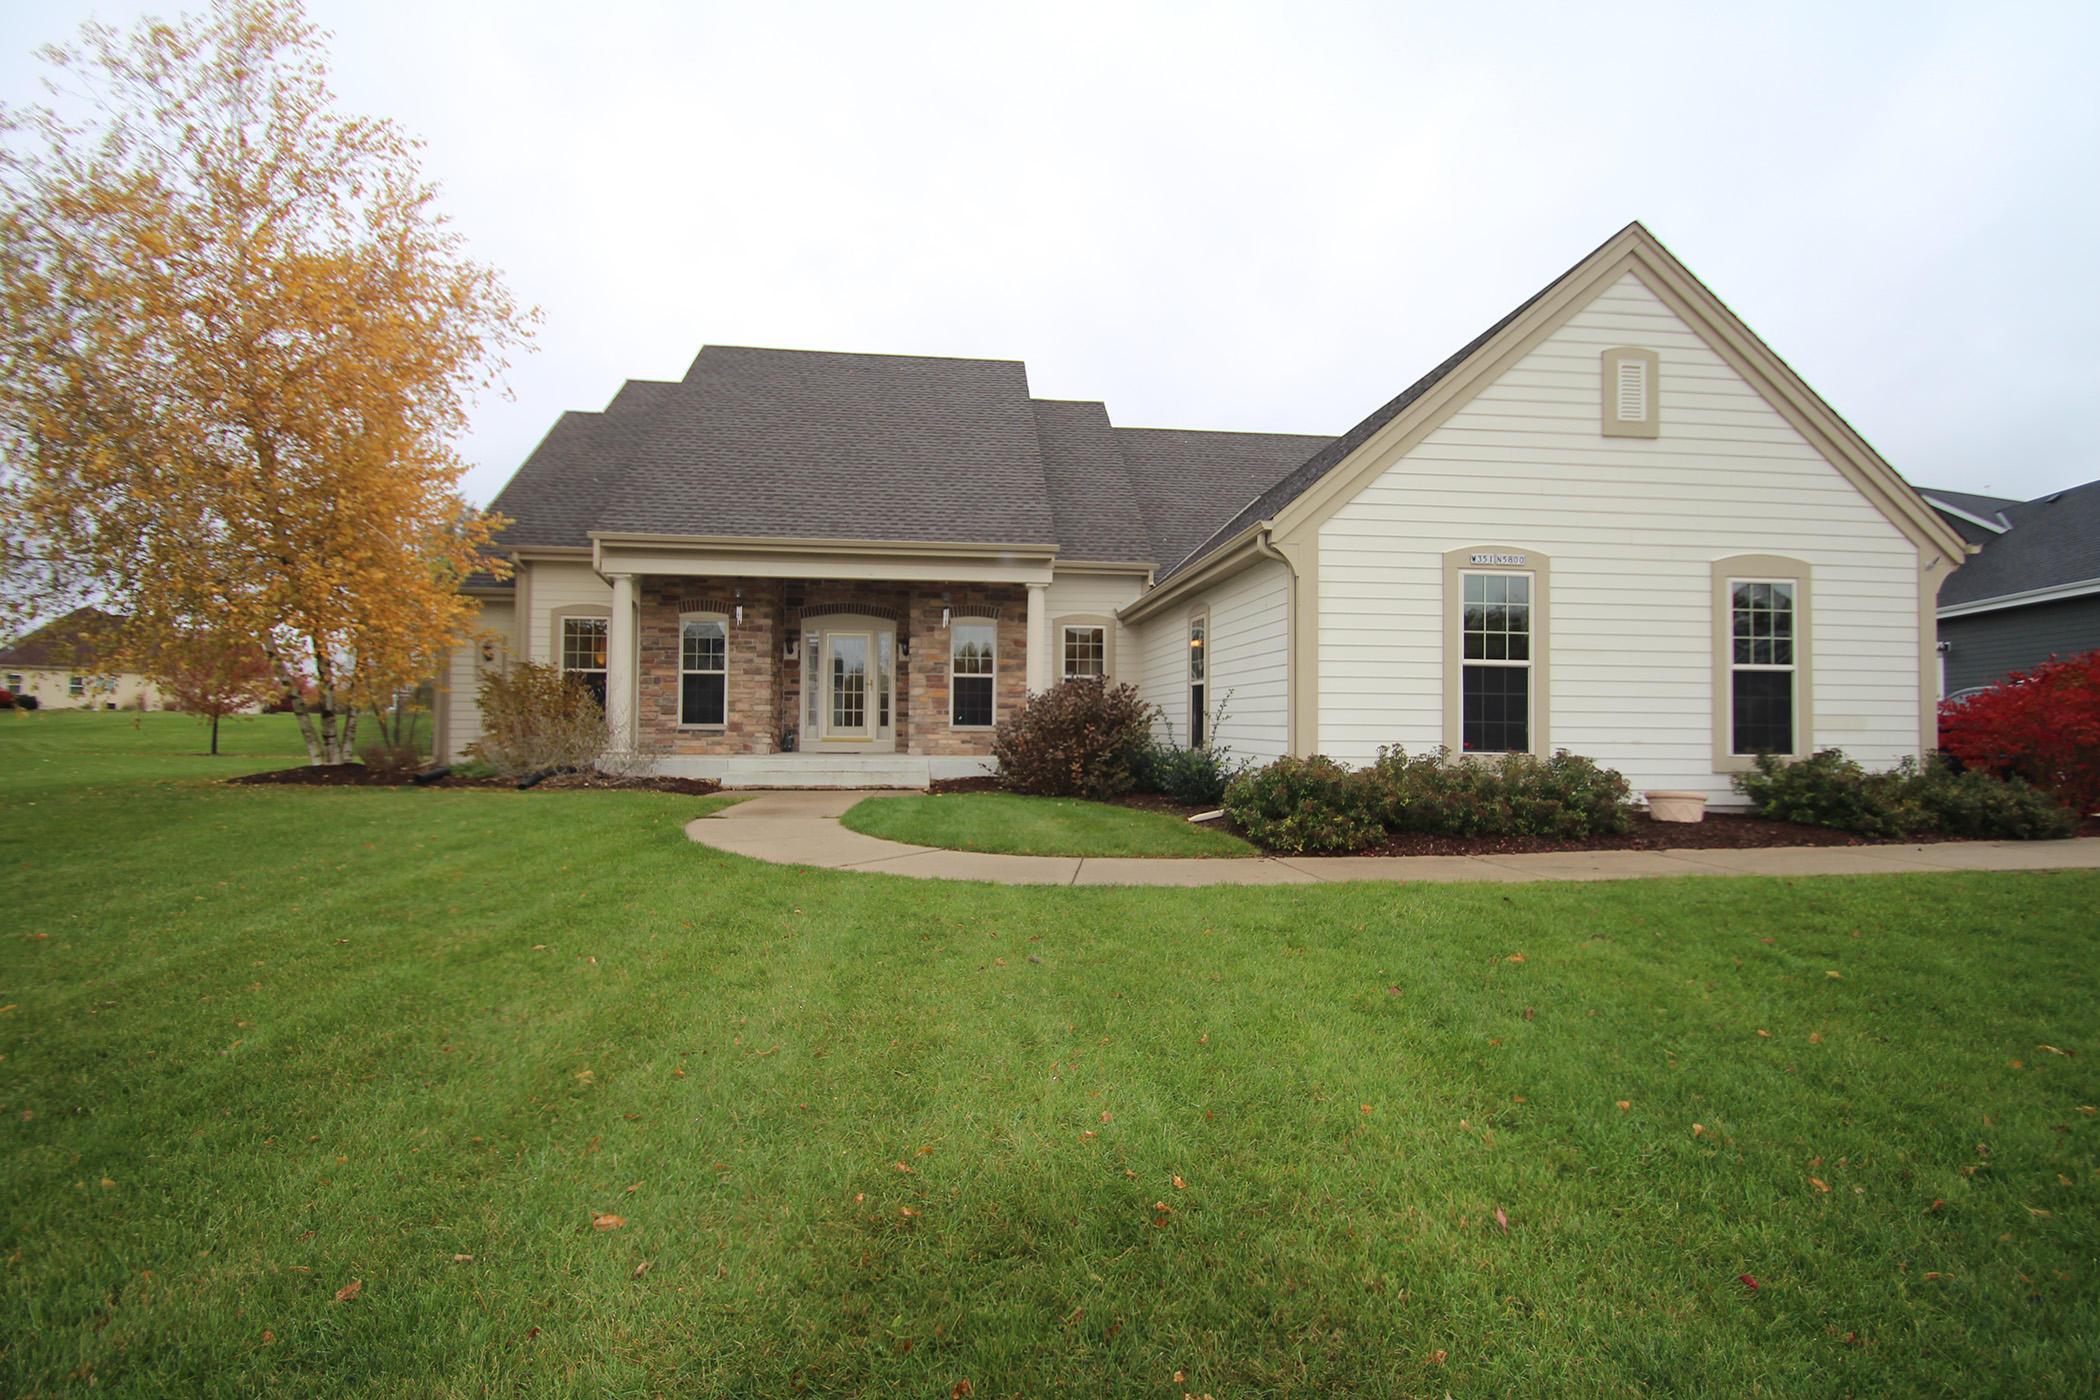 W351N5800 Westshore Rd, Oconomowoc, Wisconsin 53066, 3 Bedrooms Bedrooms, ,2 BathroomsBathrooms,Single-Family,For Sale,Westshore Rd,1612213